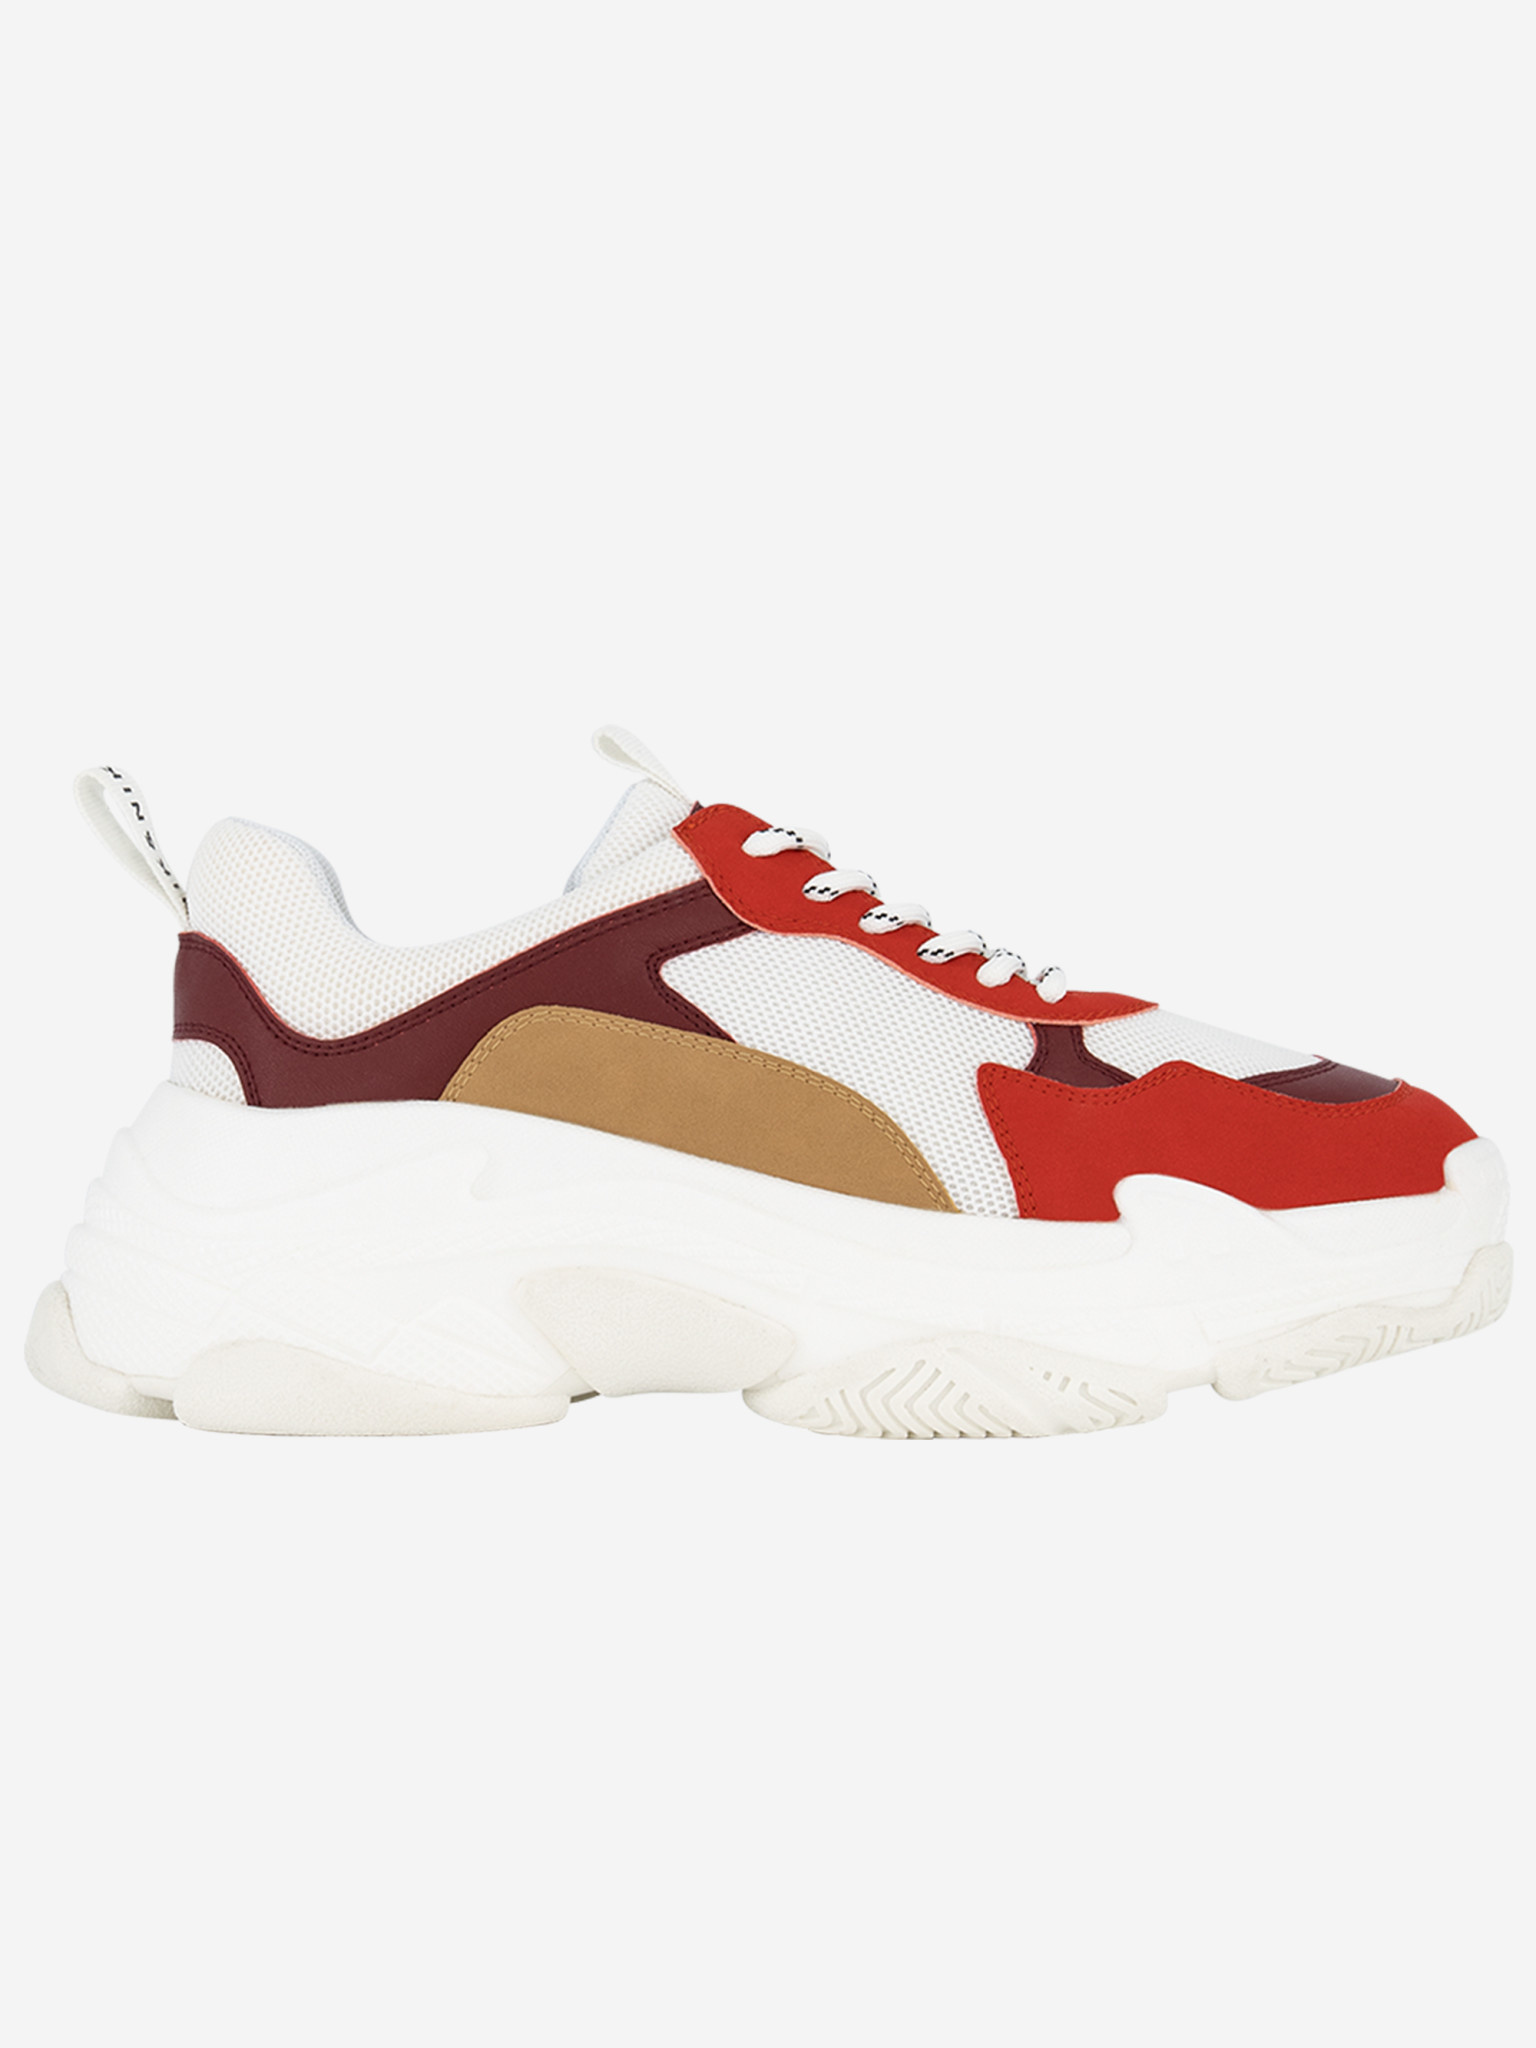 Nik & Nik Chunky Sneakers